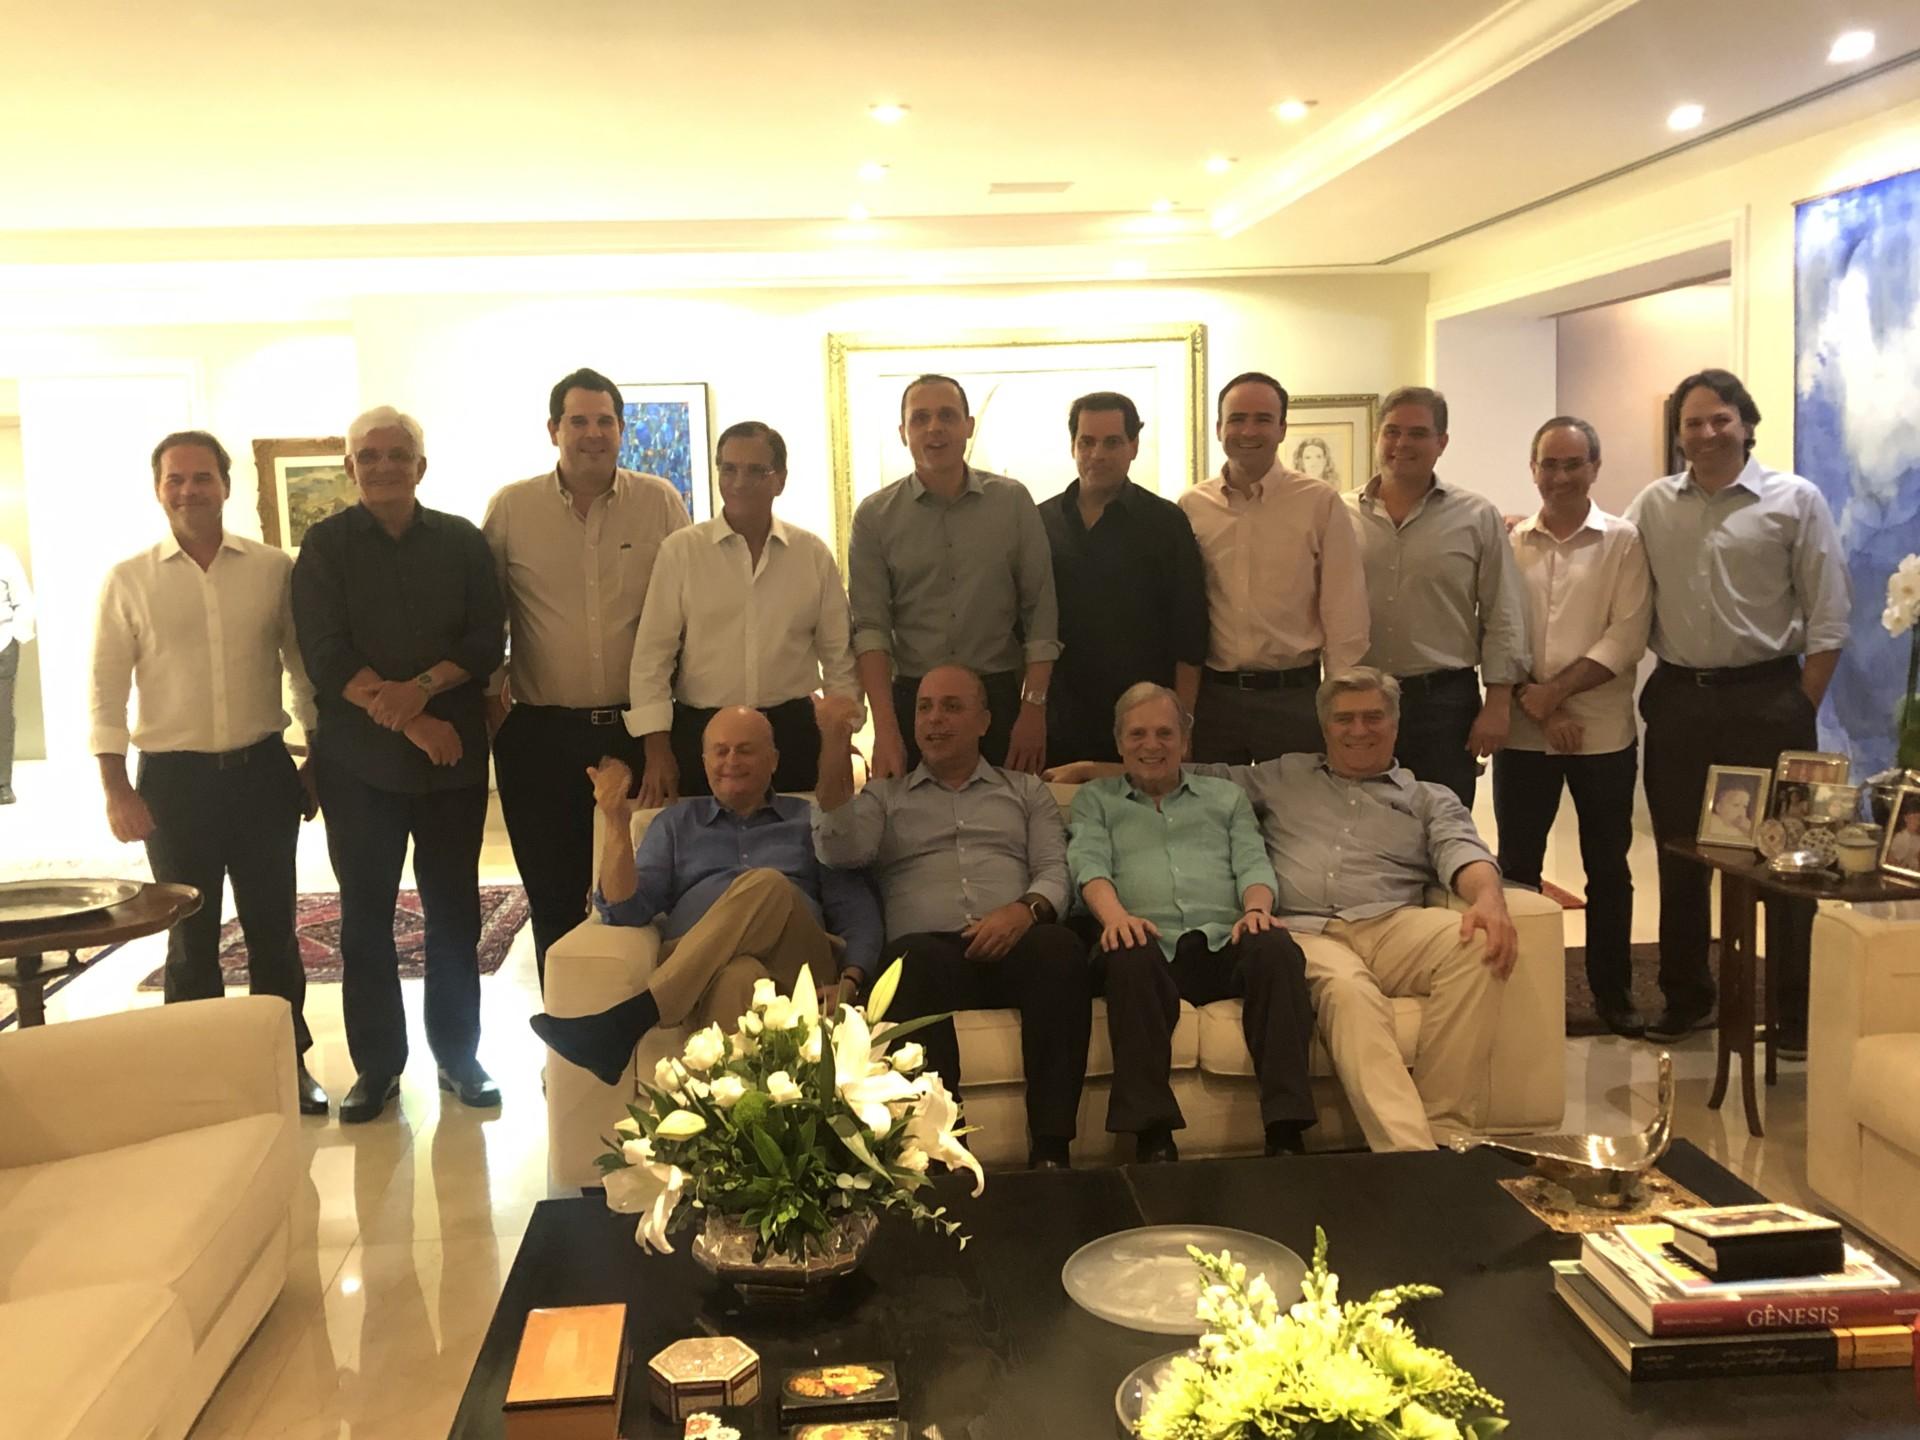 Jantar Mobiliza com o Senador Tasso Jereissati